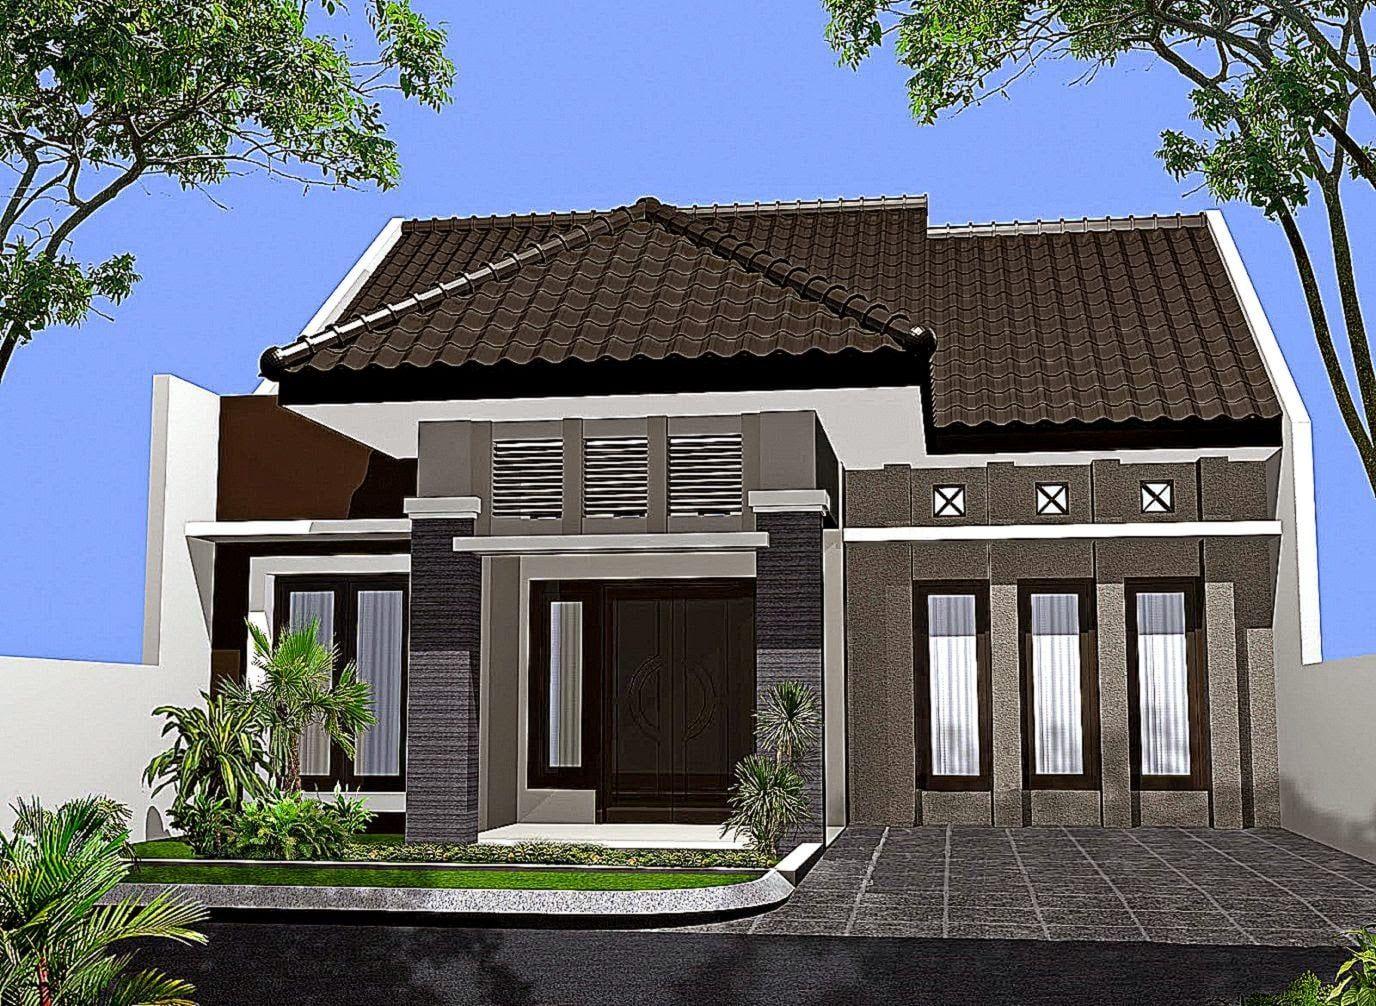 Desain Rumah Depan In 2020 Minimalist House Design One Storey